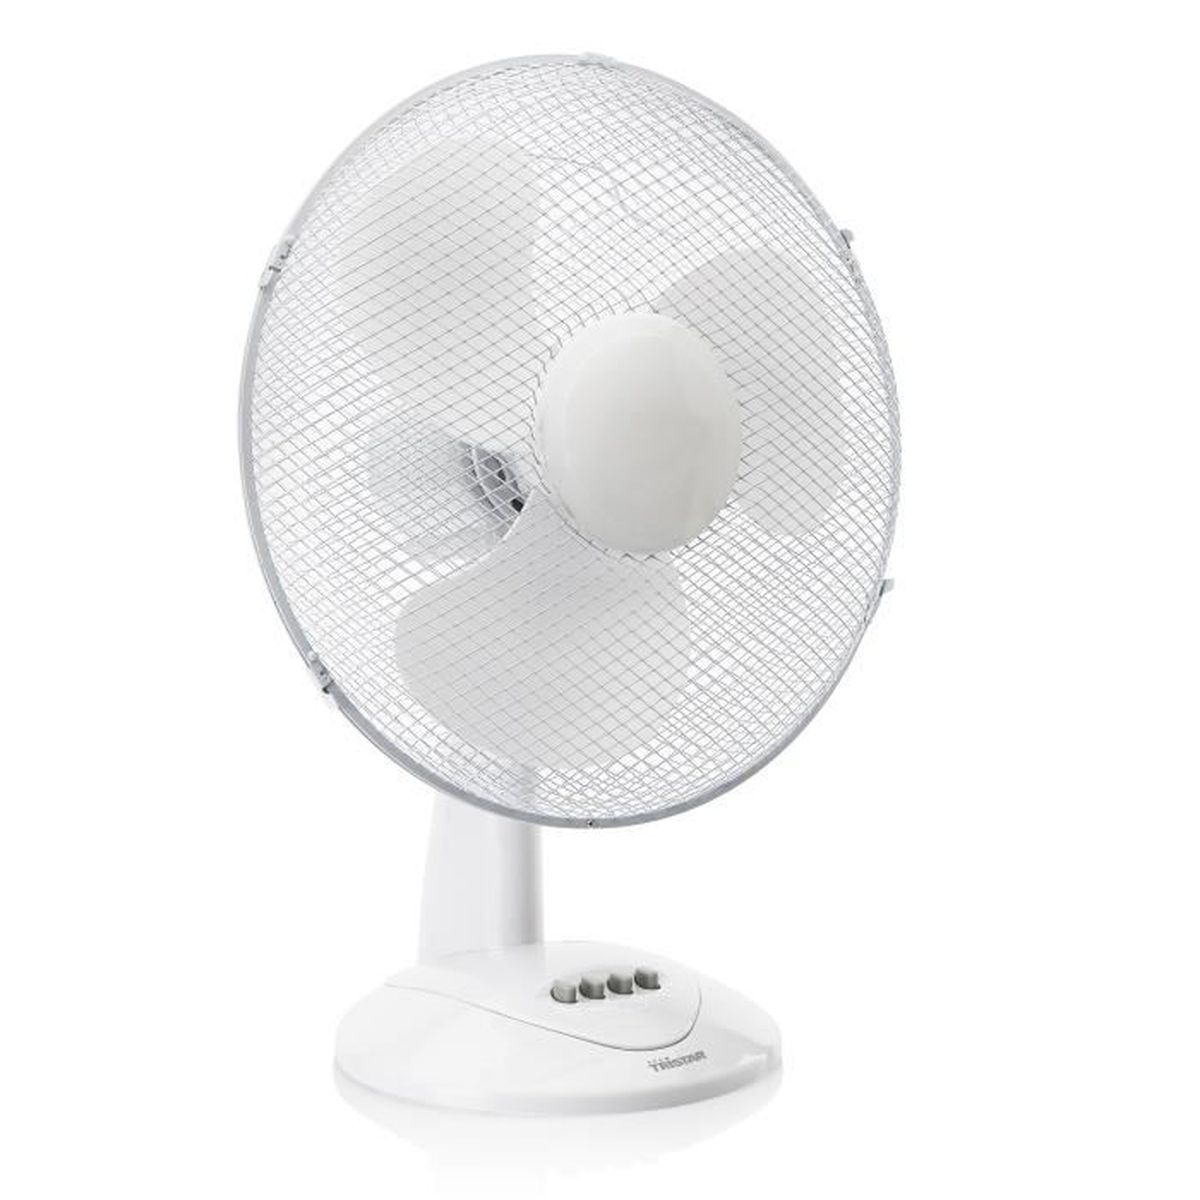 Meilleur Ventilateur Table Diametre pas cher